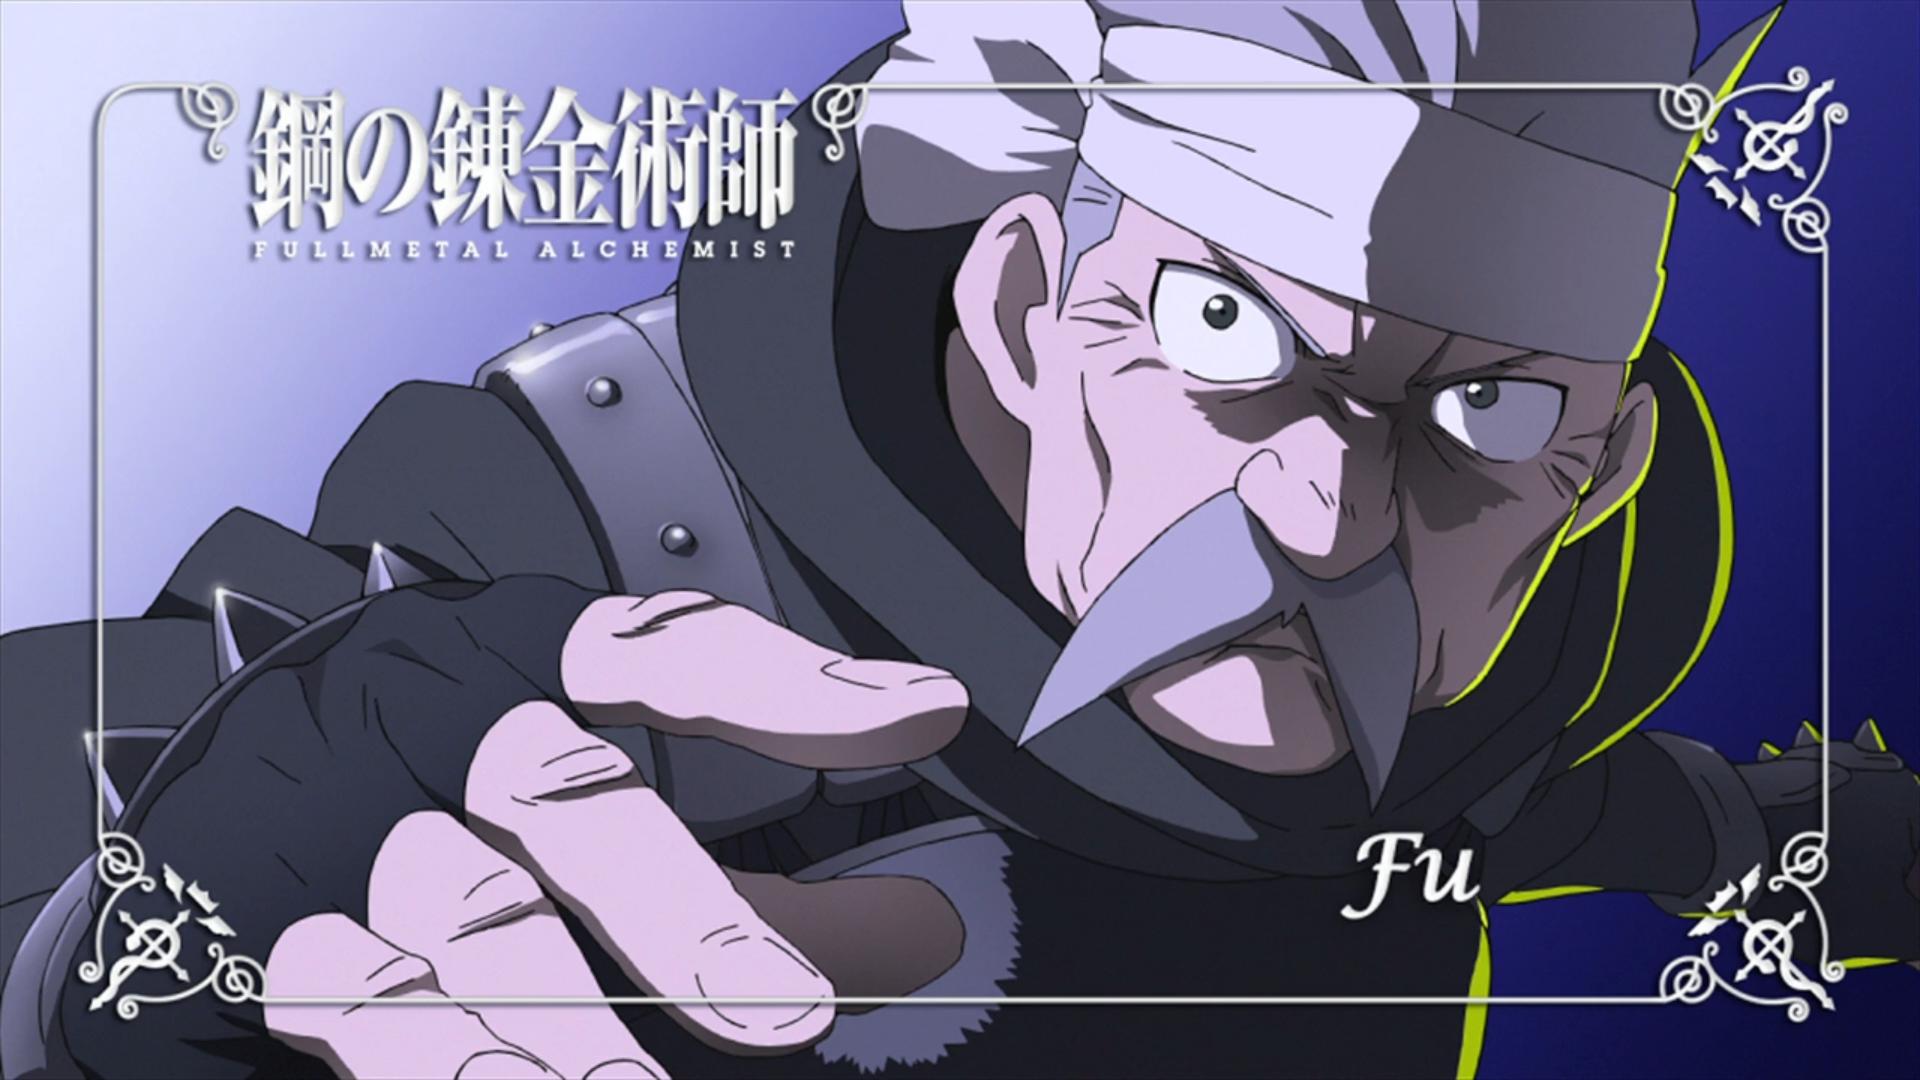 Fond d'écran : illustration, Anime, dessin animé, des bandes dessinées, Fullmetal Alchemist ...